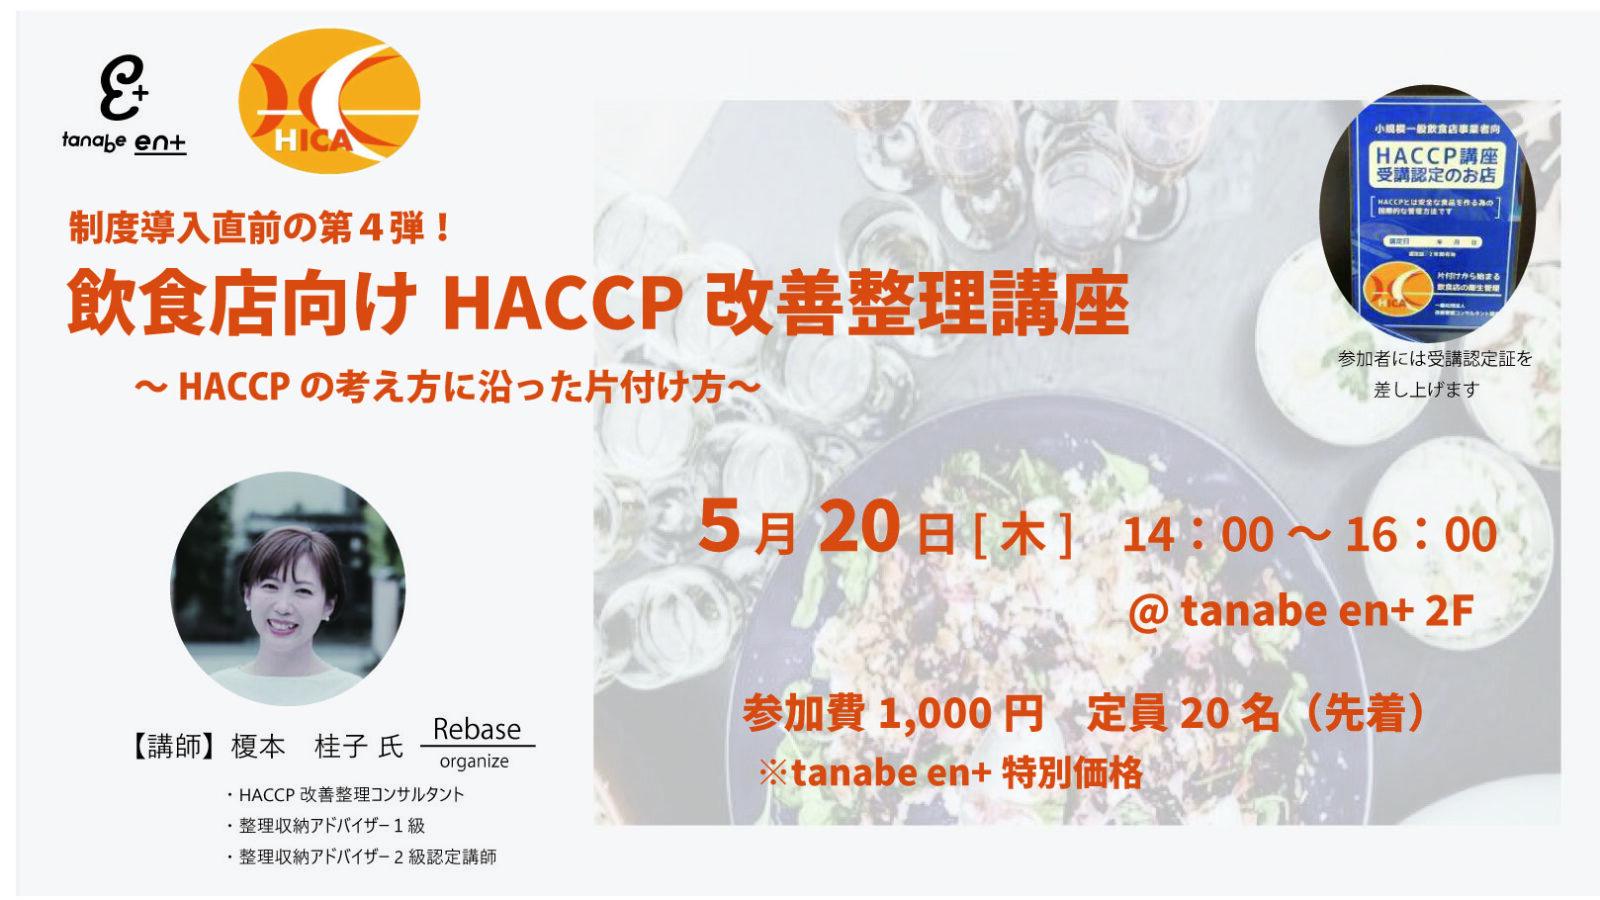 制度導入直前の第4弾<br>飲食店向けHACCP改善整理講座